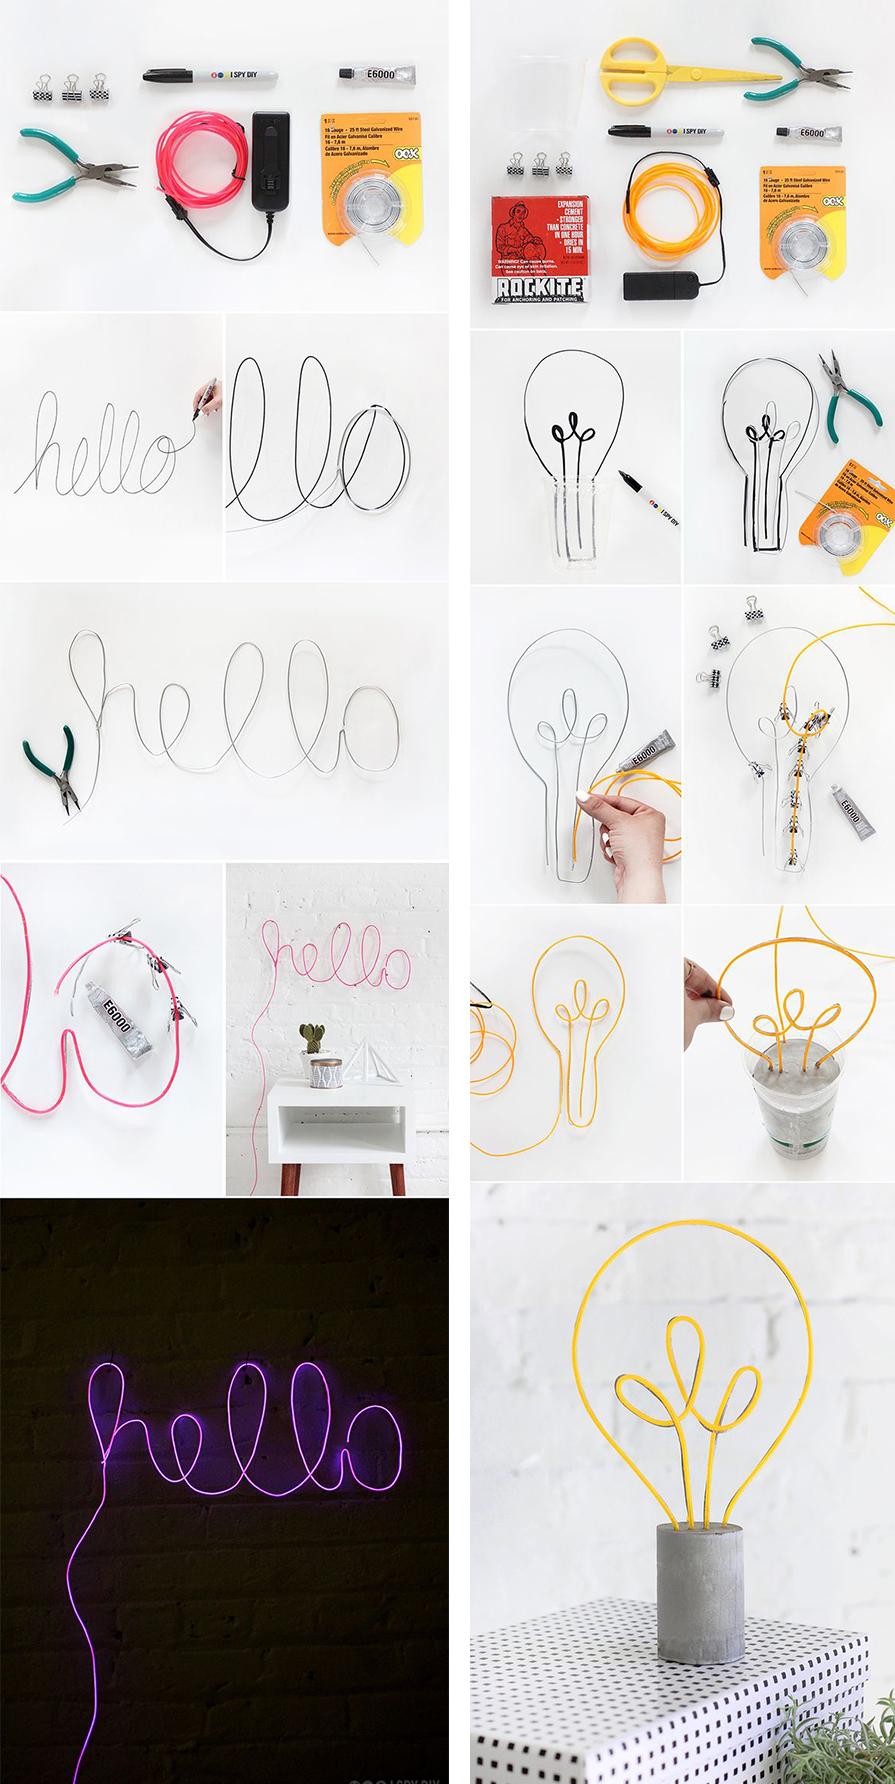 neon-lights-na-decoracao-de-casa-como-fazer-diy-danielle-noce-4